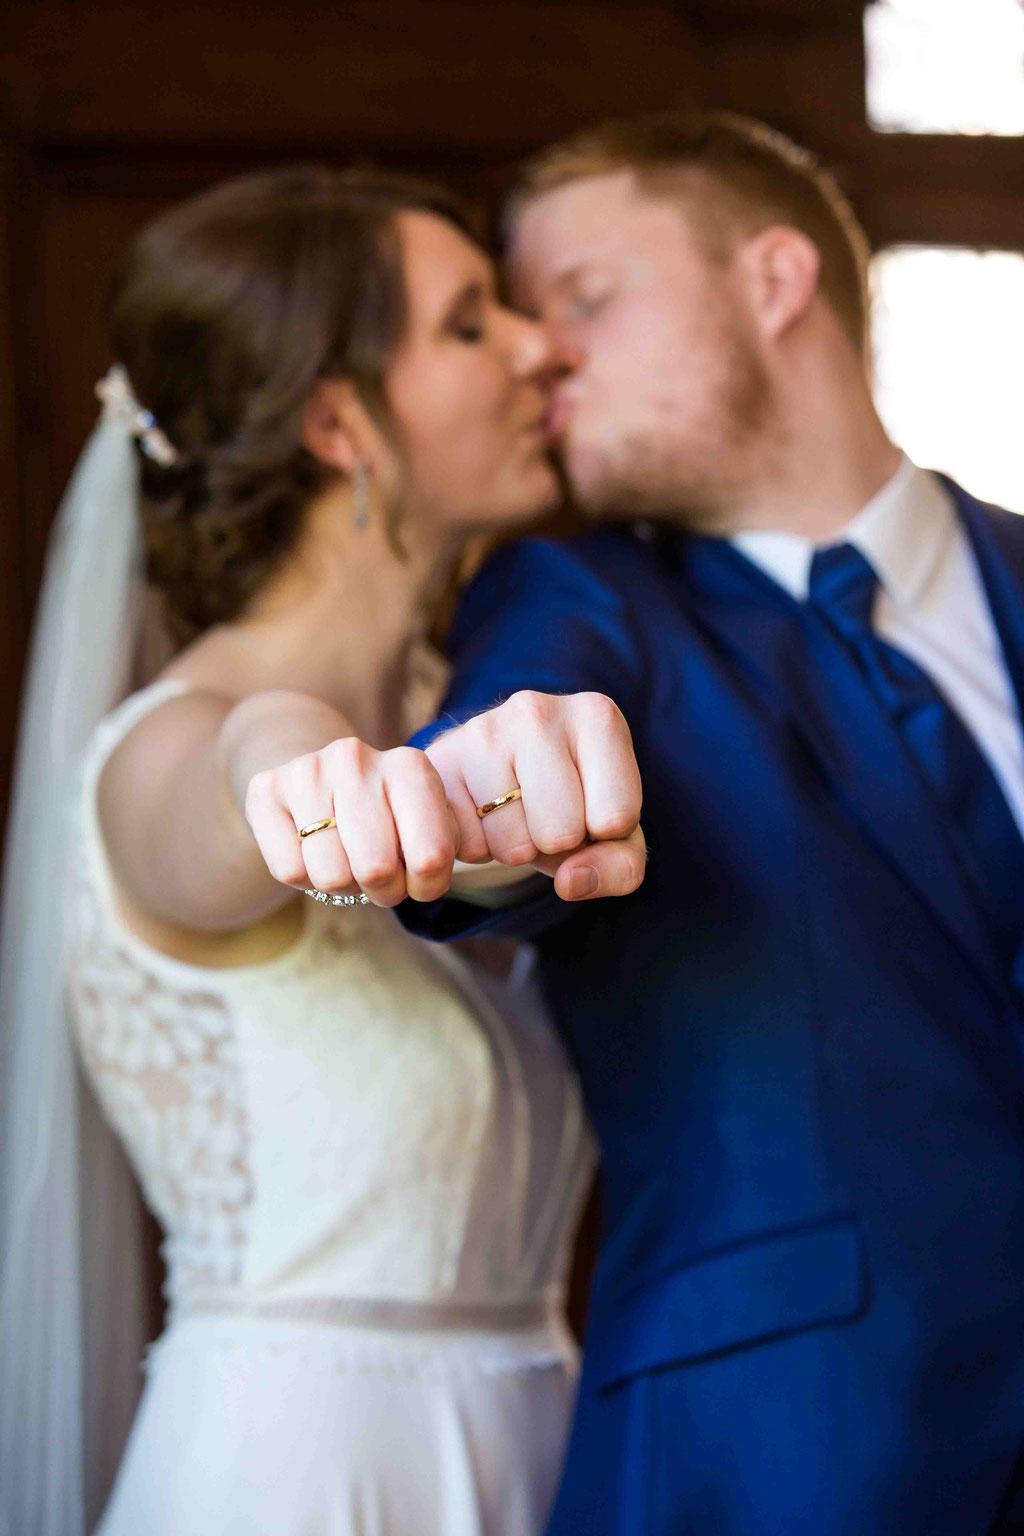 Liebe beim Ehepaar, Hochzeitspaar liebend, hochzeitspaar küssend, küssendes Paar